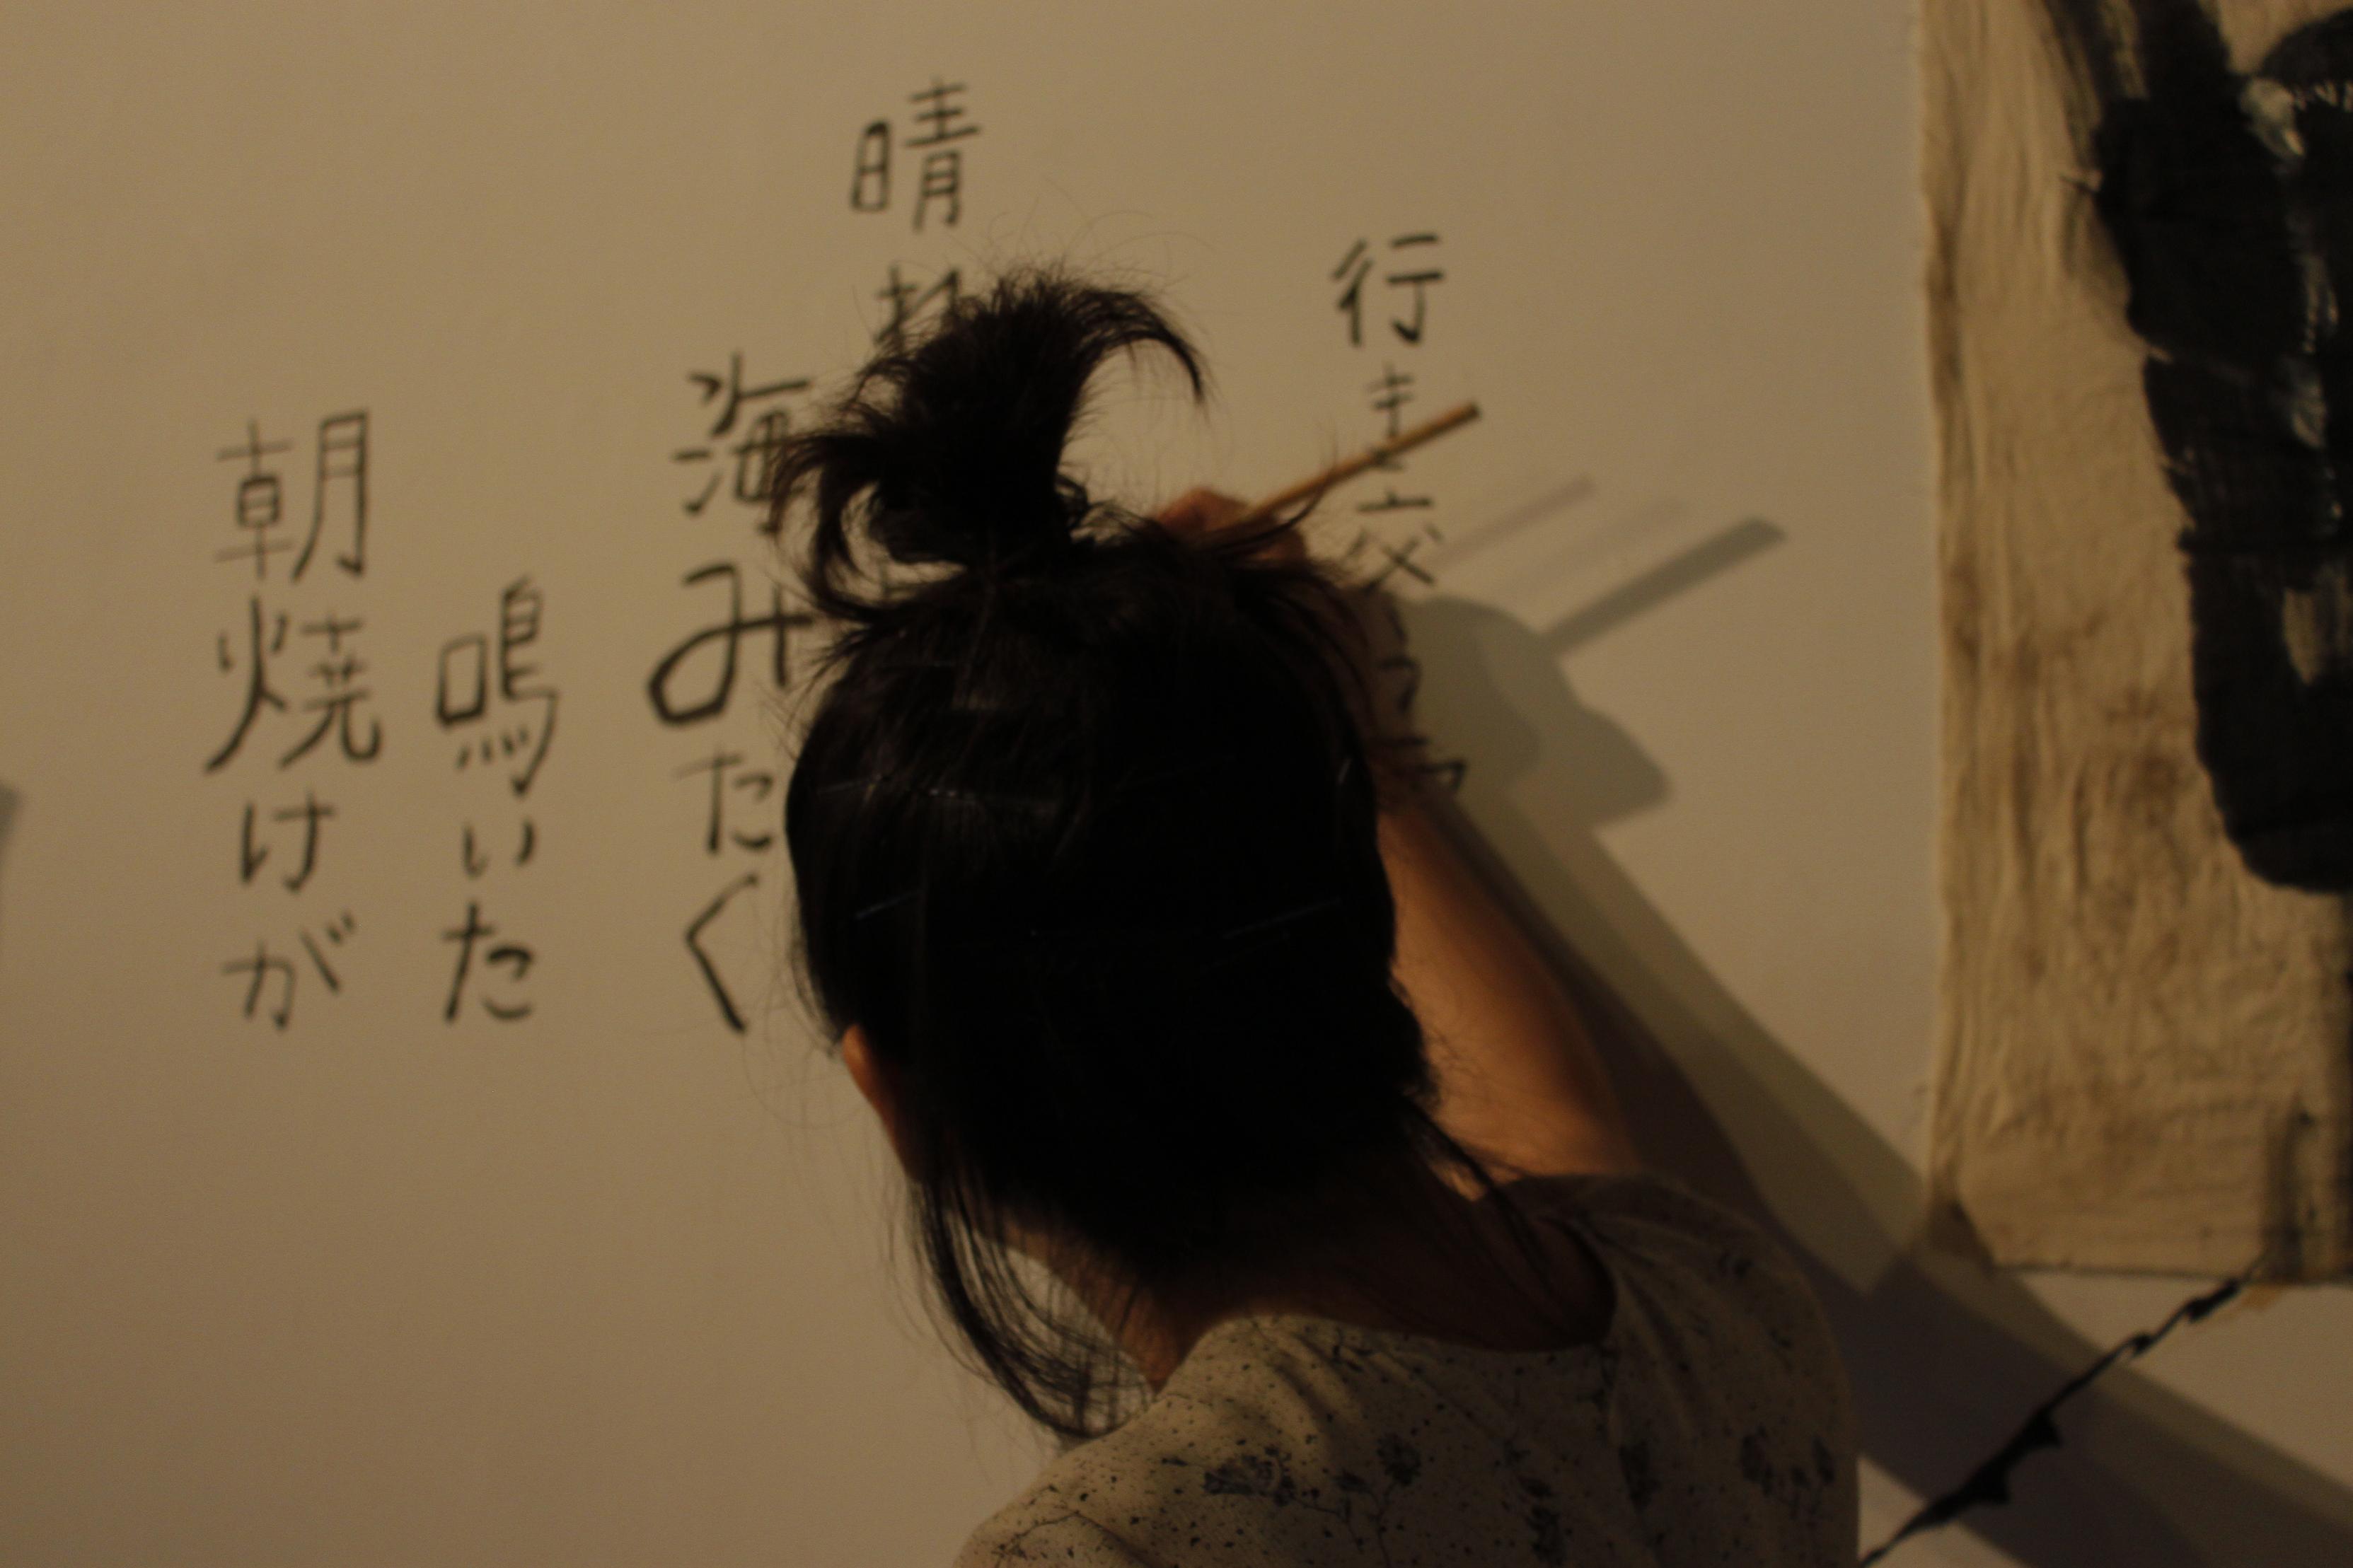 nishimoto_01_01